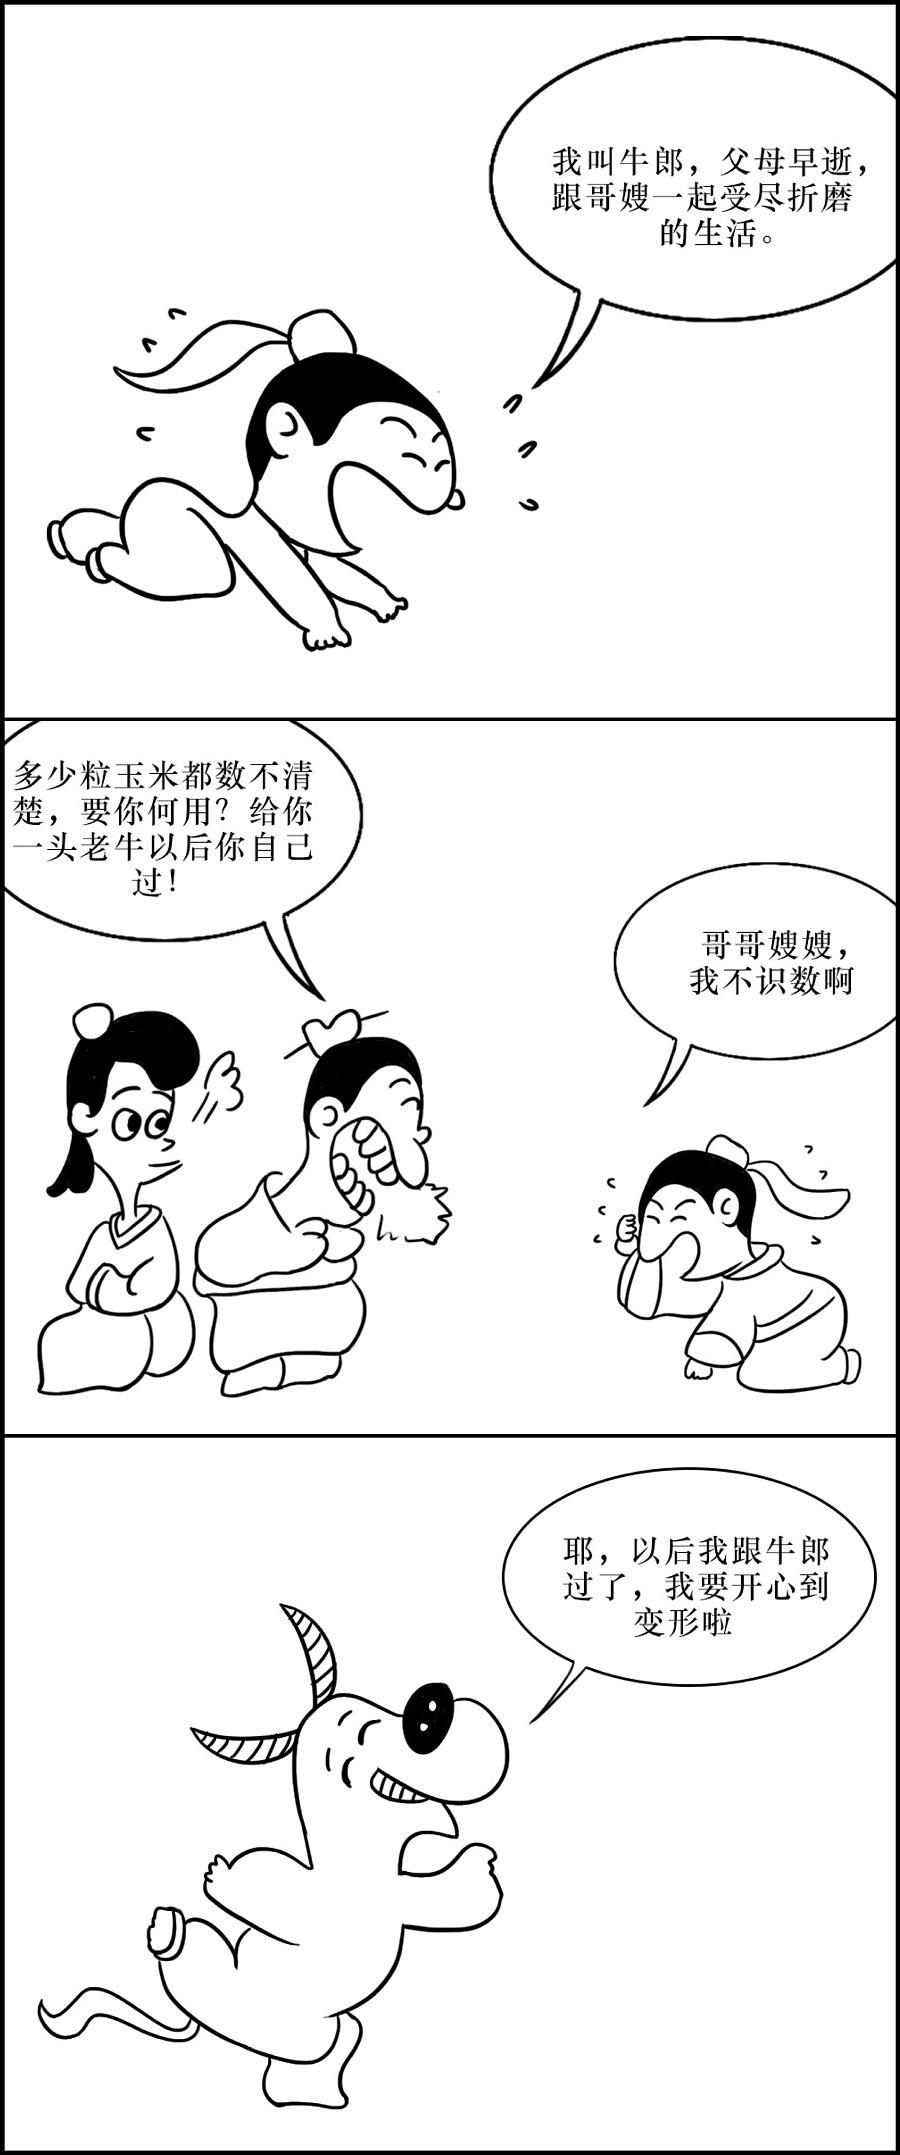 牛郎织女同学版|中/漫画漫画|小花|长篇动漫-原这本想阿我衰看漫画书图片